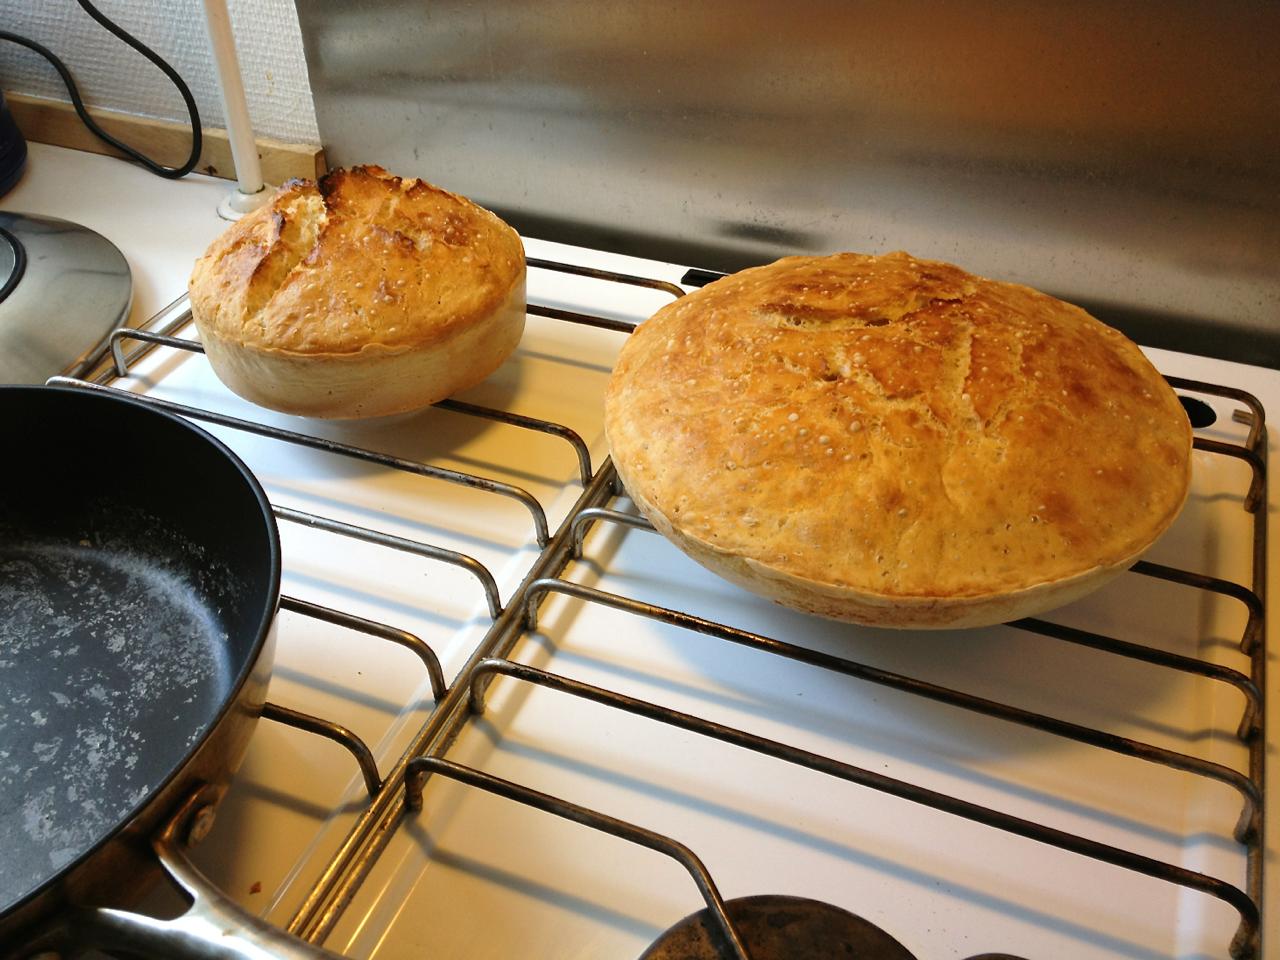 Scanpan overlevede  Scanpans website var ikke meget for at komme med entydigede anvisninger angående deres produkters gangbarhed i en varm (250+ grader) ovn i længere tid. Men de skrev dog at den ku' tåle en tur i ovnen ved 260 grader, så jeg gav det et skud, og den (altså min Scanpan) overlevede. Det gjorde dejen imidlertid ikke. Den bleve helt brun og hævet :). Så nu er det ikke længere kun min lille stengryde (se brødet til venstre) der kan levere Jim Lahey-brød - det kan den noget større Scanpan også, hvilket kan være praktisk en dag som i dag hvor jeg skal spise med 14-15 andre mennesker.